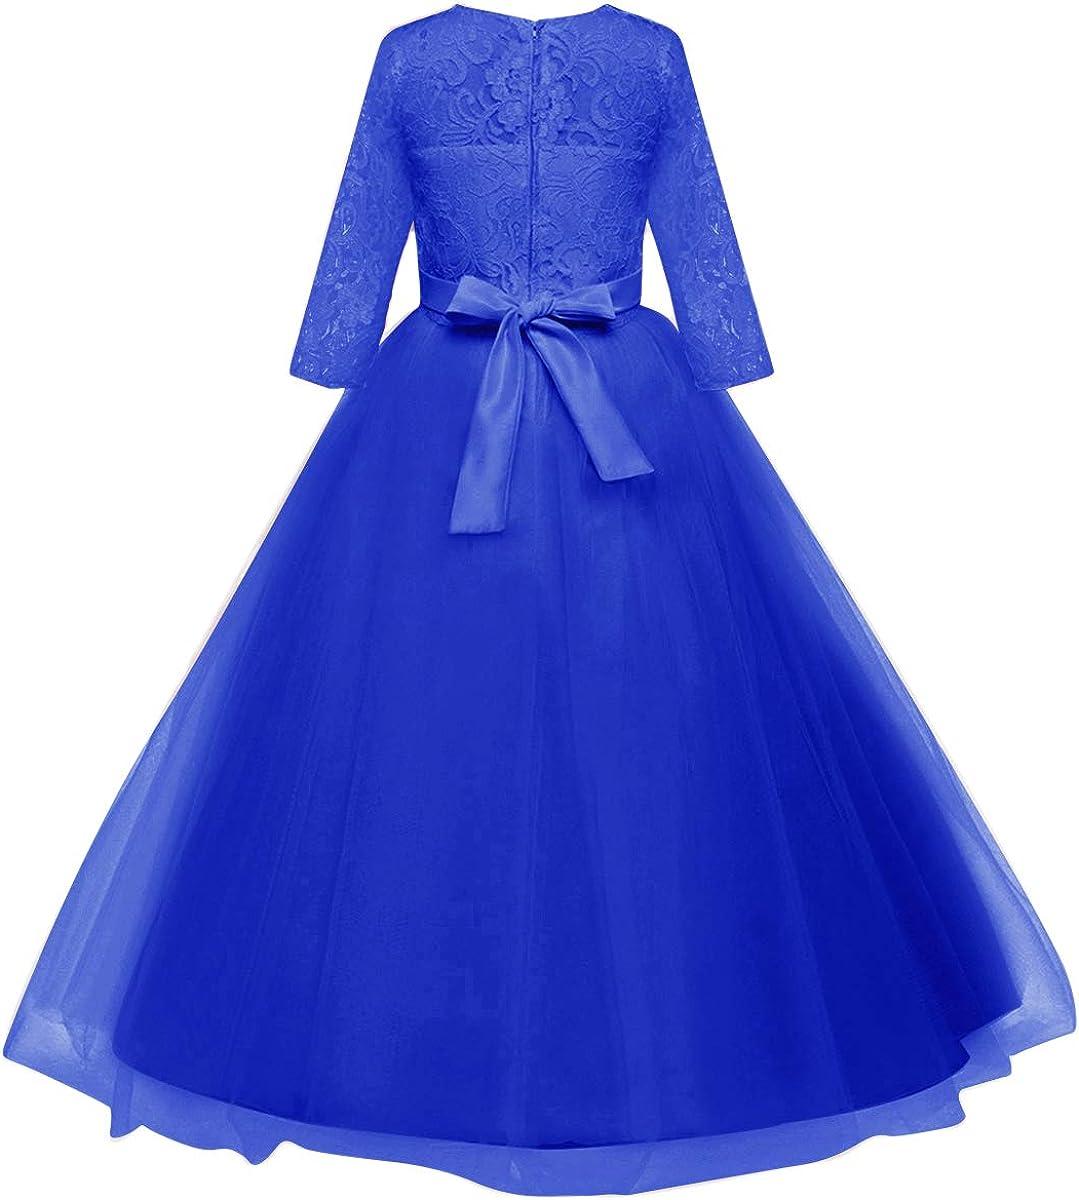 Vestido de ni/ña de flores para la boda Princesa Largo Gala Encaje De Ceremonia Vestidos de Dama De Honor Fiesta Tul Bowknot Comuni/ón Cumplea/ños Bola Pageant Paseo Baile Maxi C/óctel Fotograf/ía Vestir